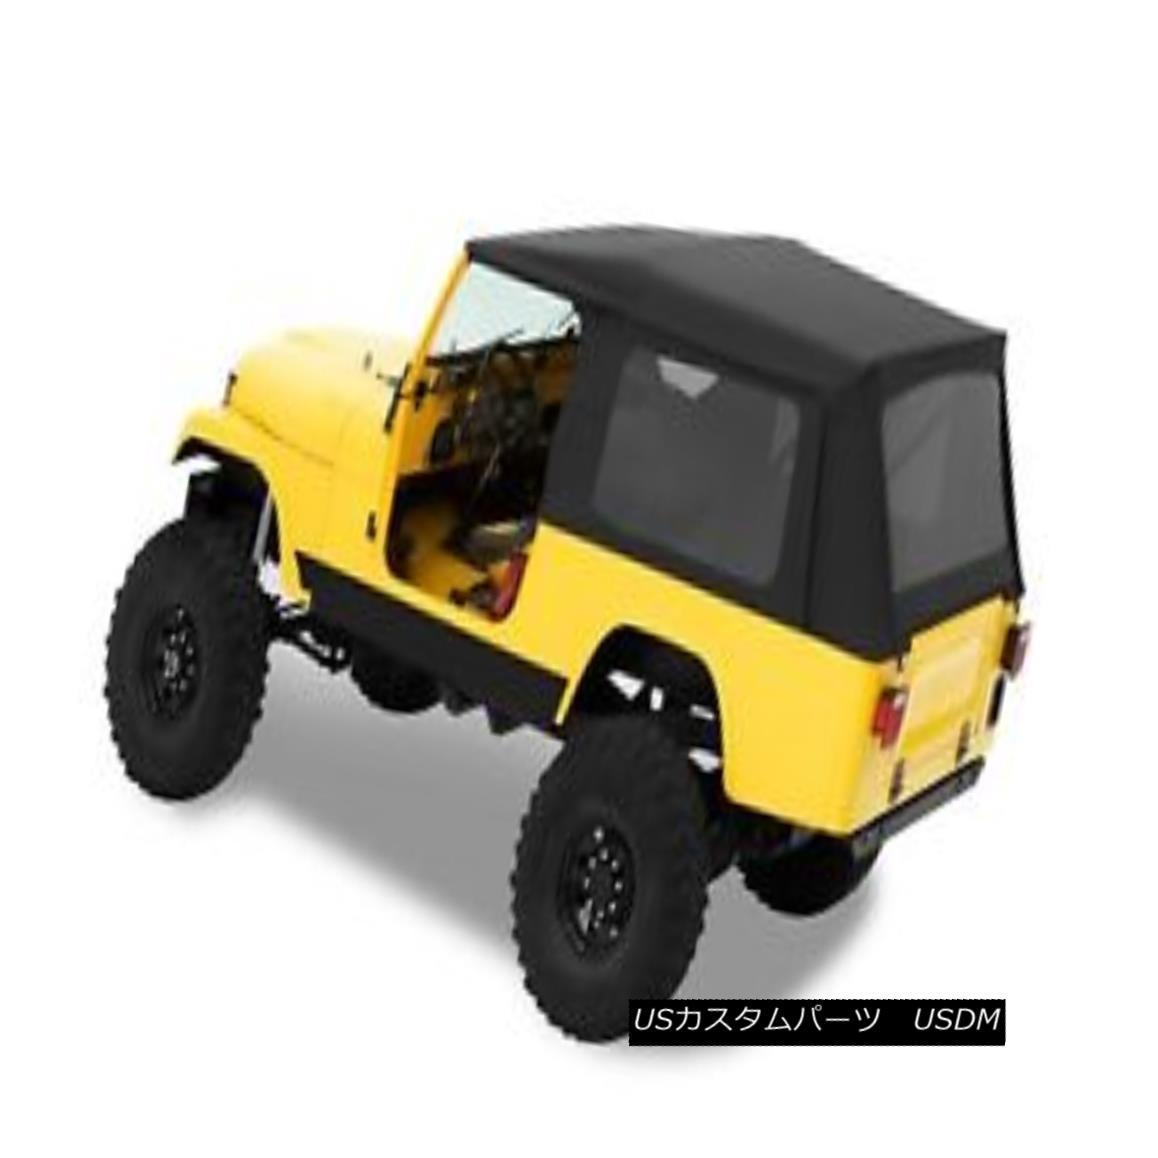 幌・ソフトトップ Bestop 54608-15 Jeep Supertop Classic Replacement Soft Top Black Denim Bestop 54608-15 Jeep Supertopクラシックリプレースソフトトップブラックデニム